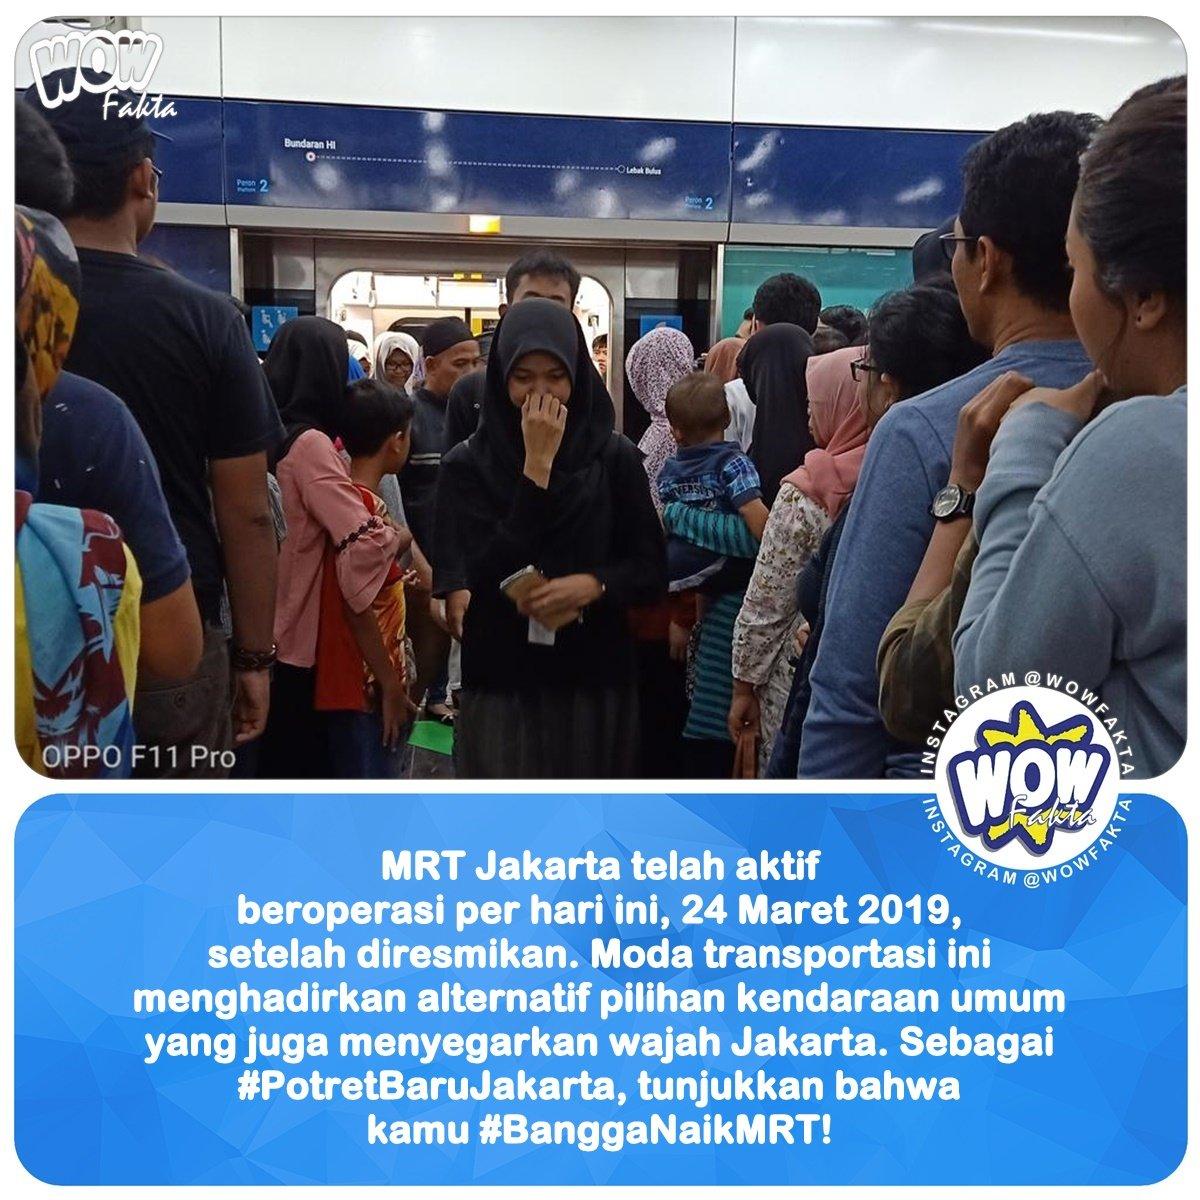 MRT Jakarta telah aktif beroperasi per hari ini, 24 Maret 2019, setelah diresmikan. Moda transportasi ini menghadirkan alternatif pilihan kendaraan umum yang juga menyegarkan wajah Jakarta. . Warga Jakarta, ayo tunjukkan... . . IG: @OPPOIndonesia . . https://www.instagram.com/p/BvYXaC4gXg5/ . .